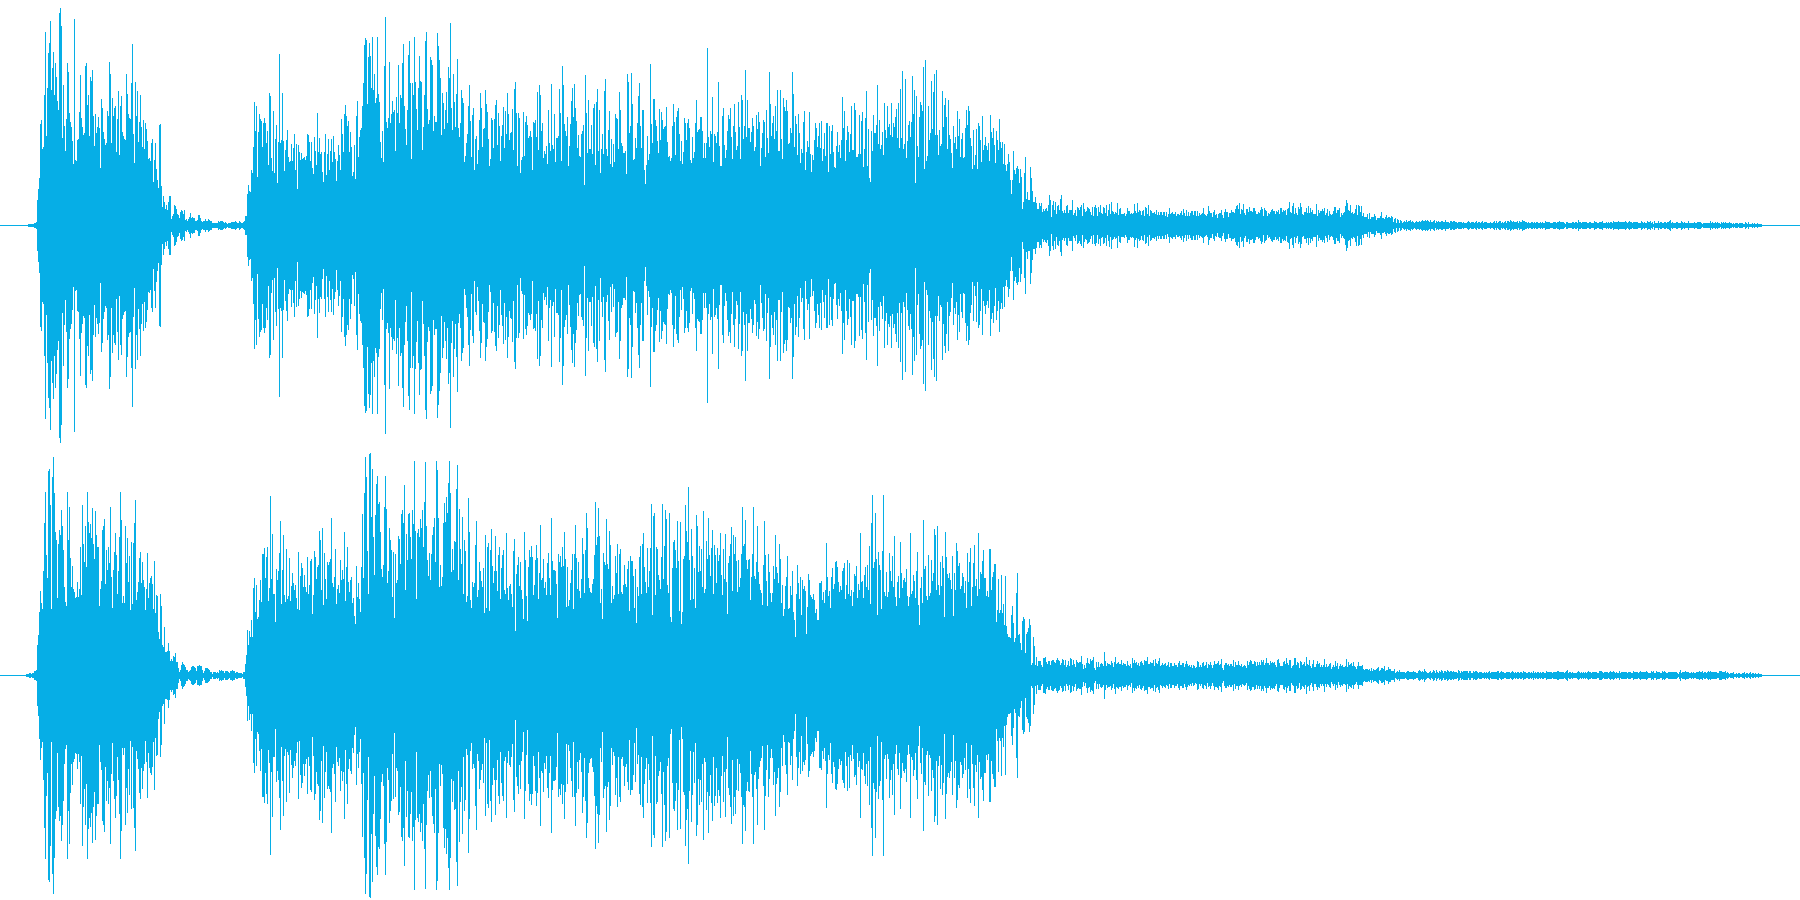 ゲーム、クイズ(正解)_006の再生済みの波形